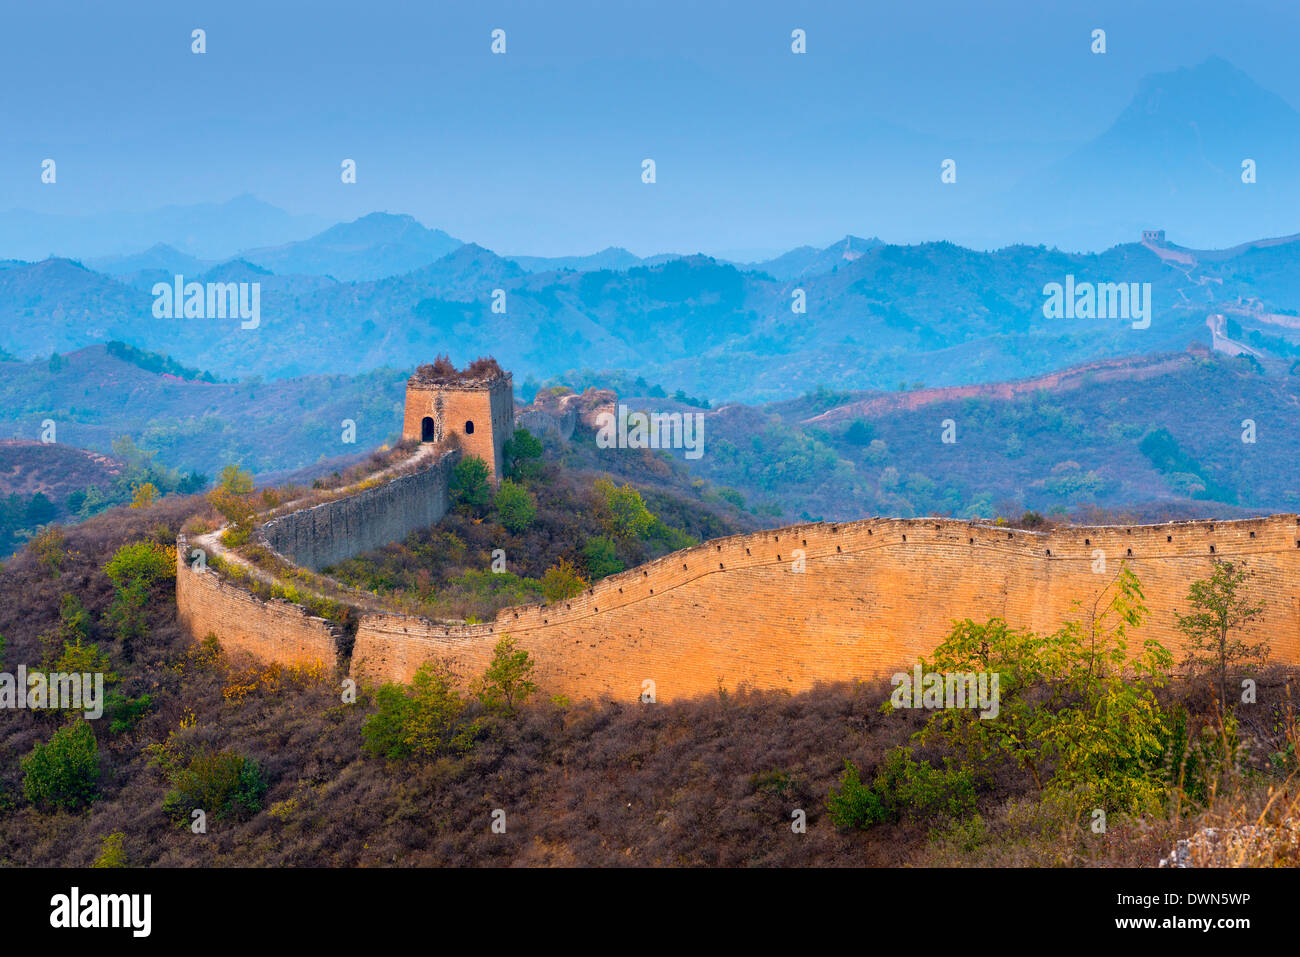 À la section Gubeikou Jinshanling de la Grande Muraille de Chine, Site de l'UNESCO, Miyun County, la municipalité de Beijing, Chine Photo Stock